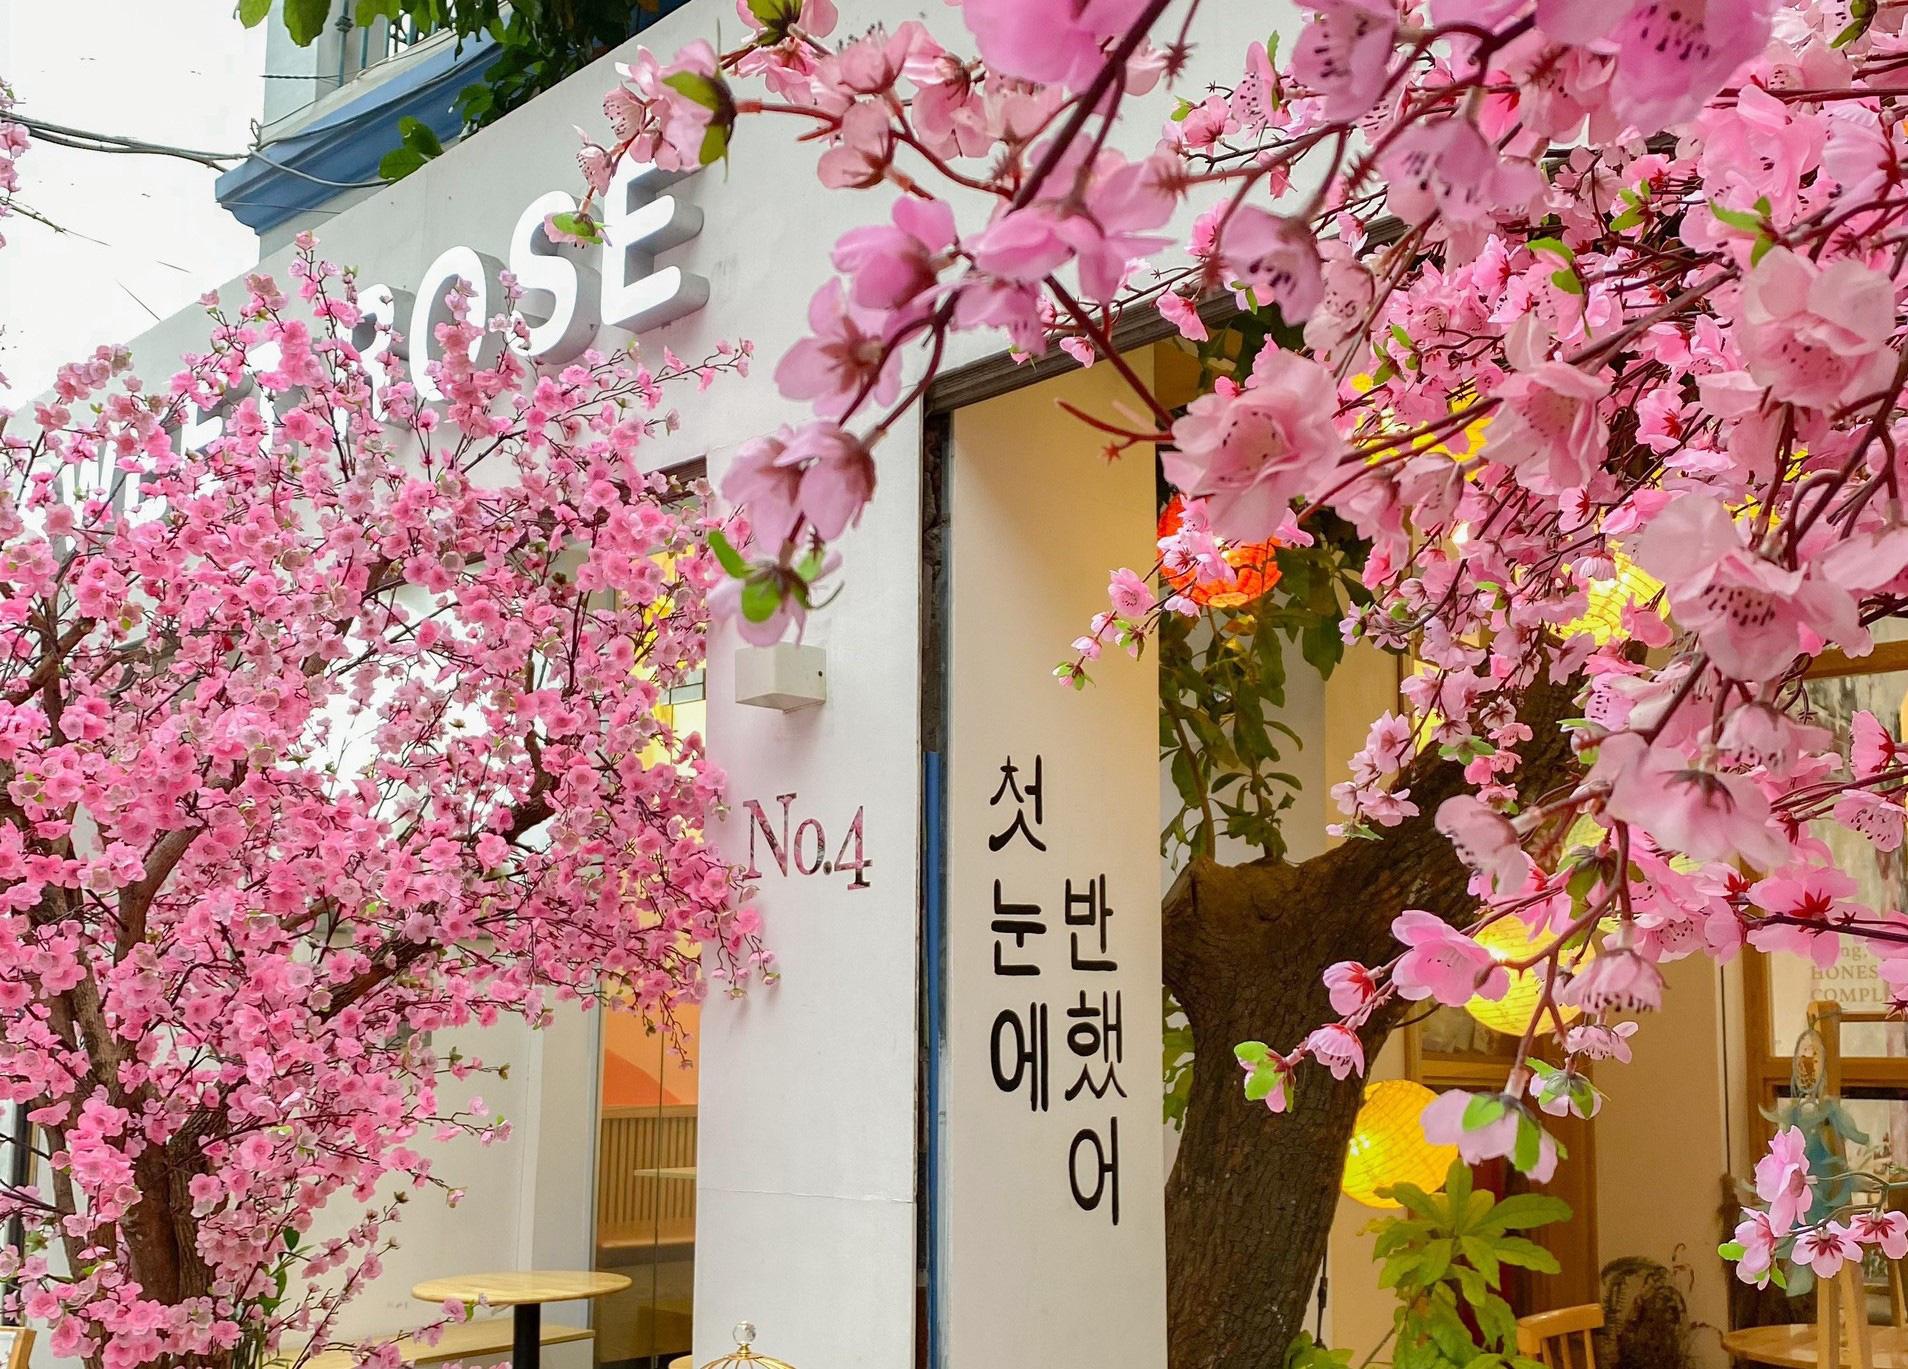 Top những quán cà phê view đẹp ở Hà Nội - Ảnh 1.